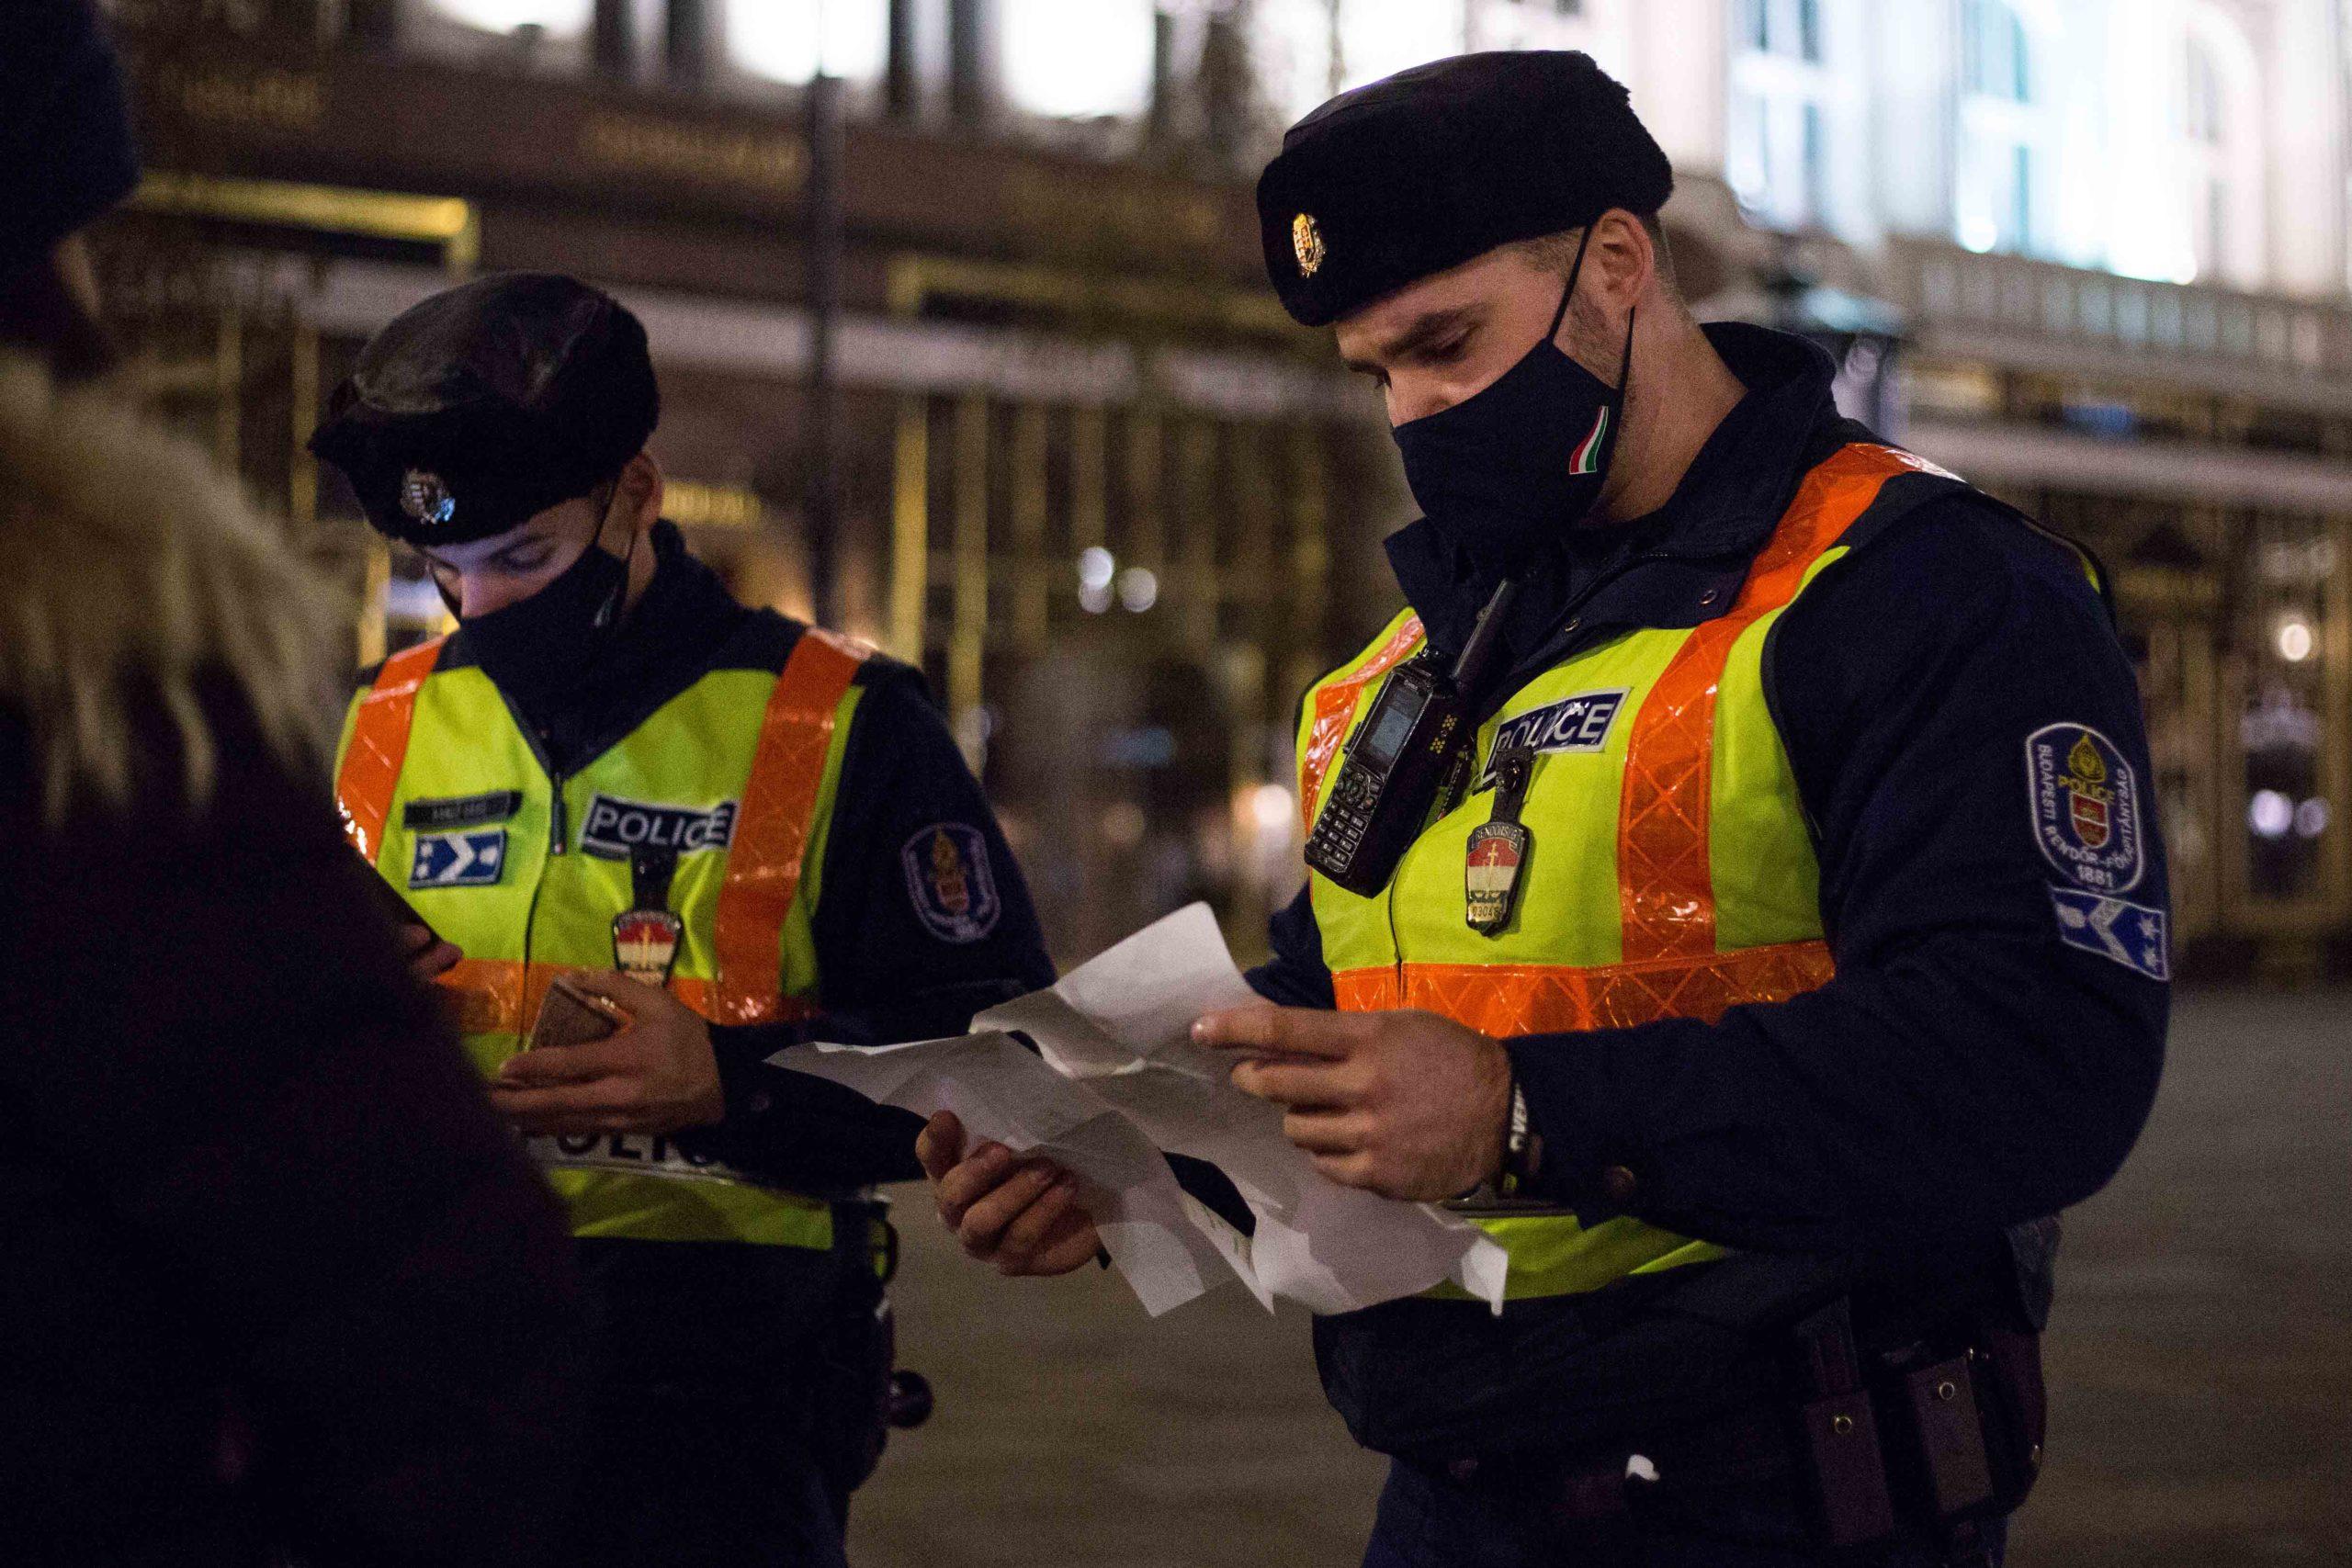 rendőr papírokat néz